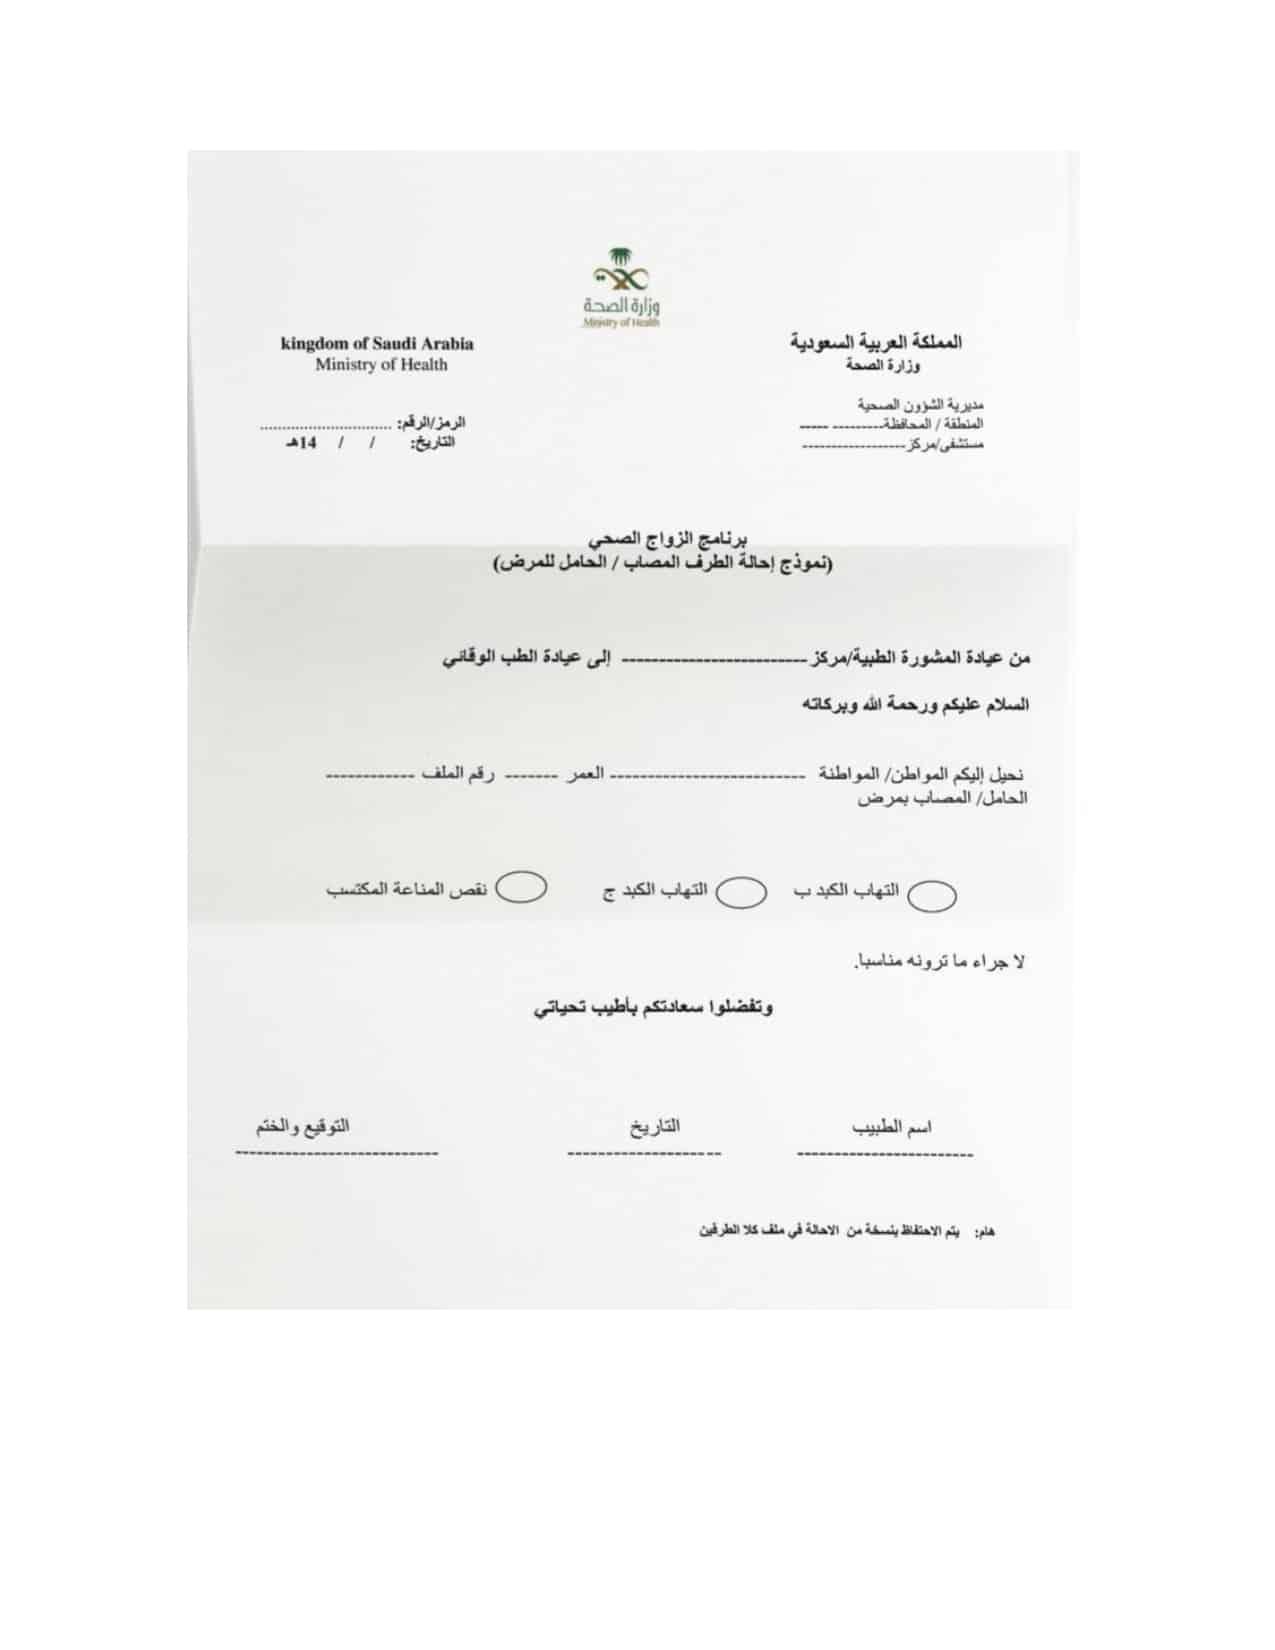 رابط حجز موعد فحص الزواج عبر وزارة الصحة السعودية للتحليل الطبي قبل الزواج